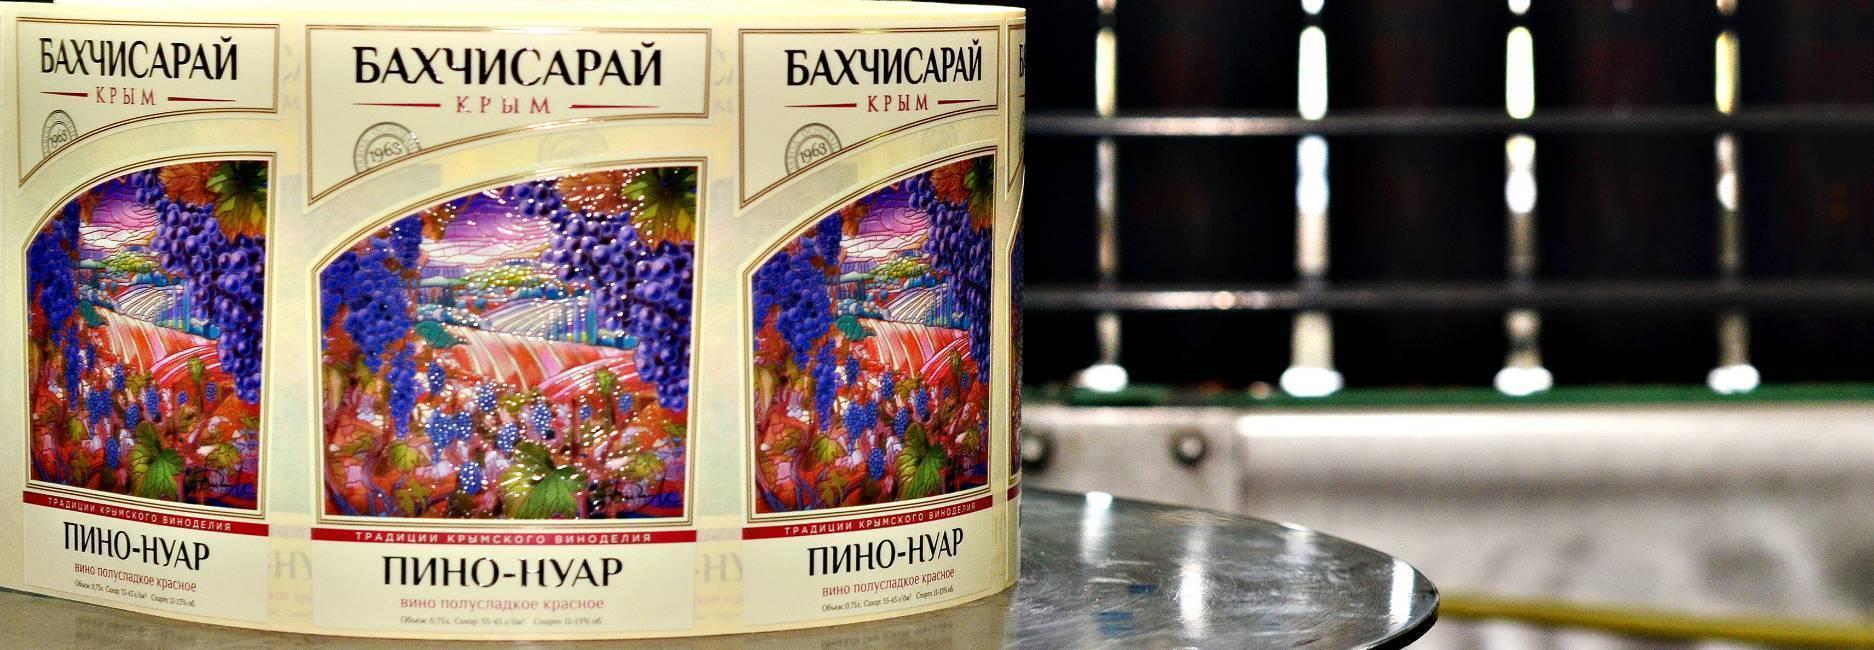 Коньяк бахчисарай: описание, история, виды марки